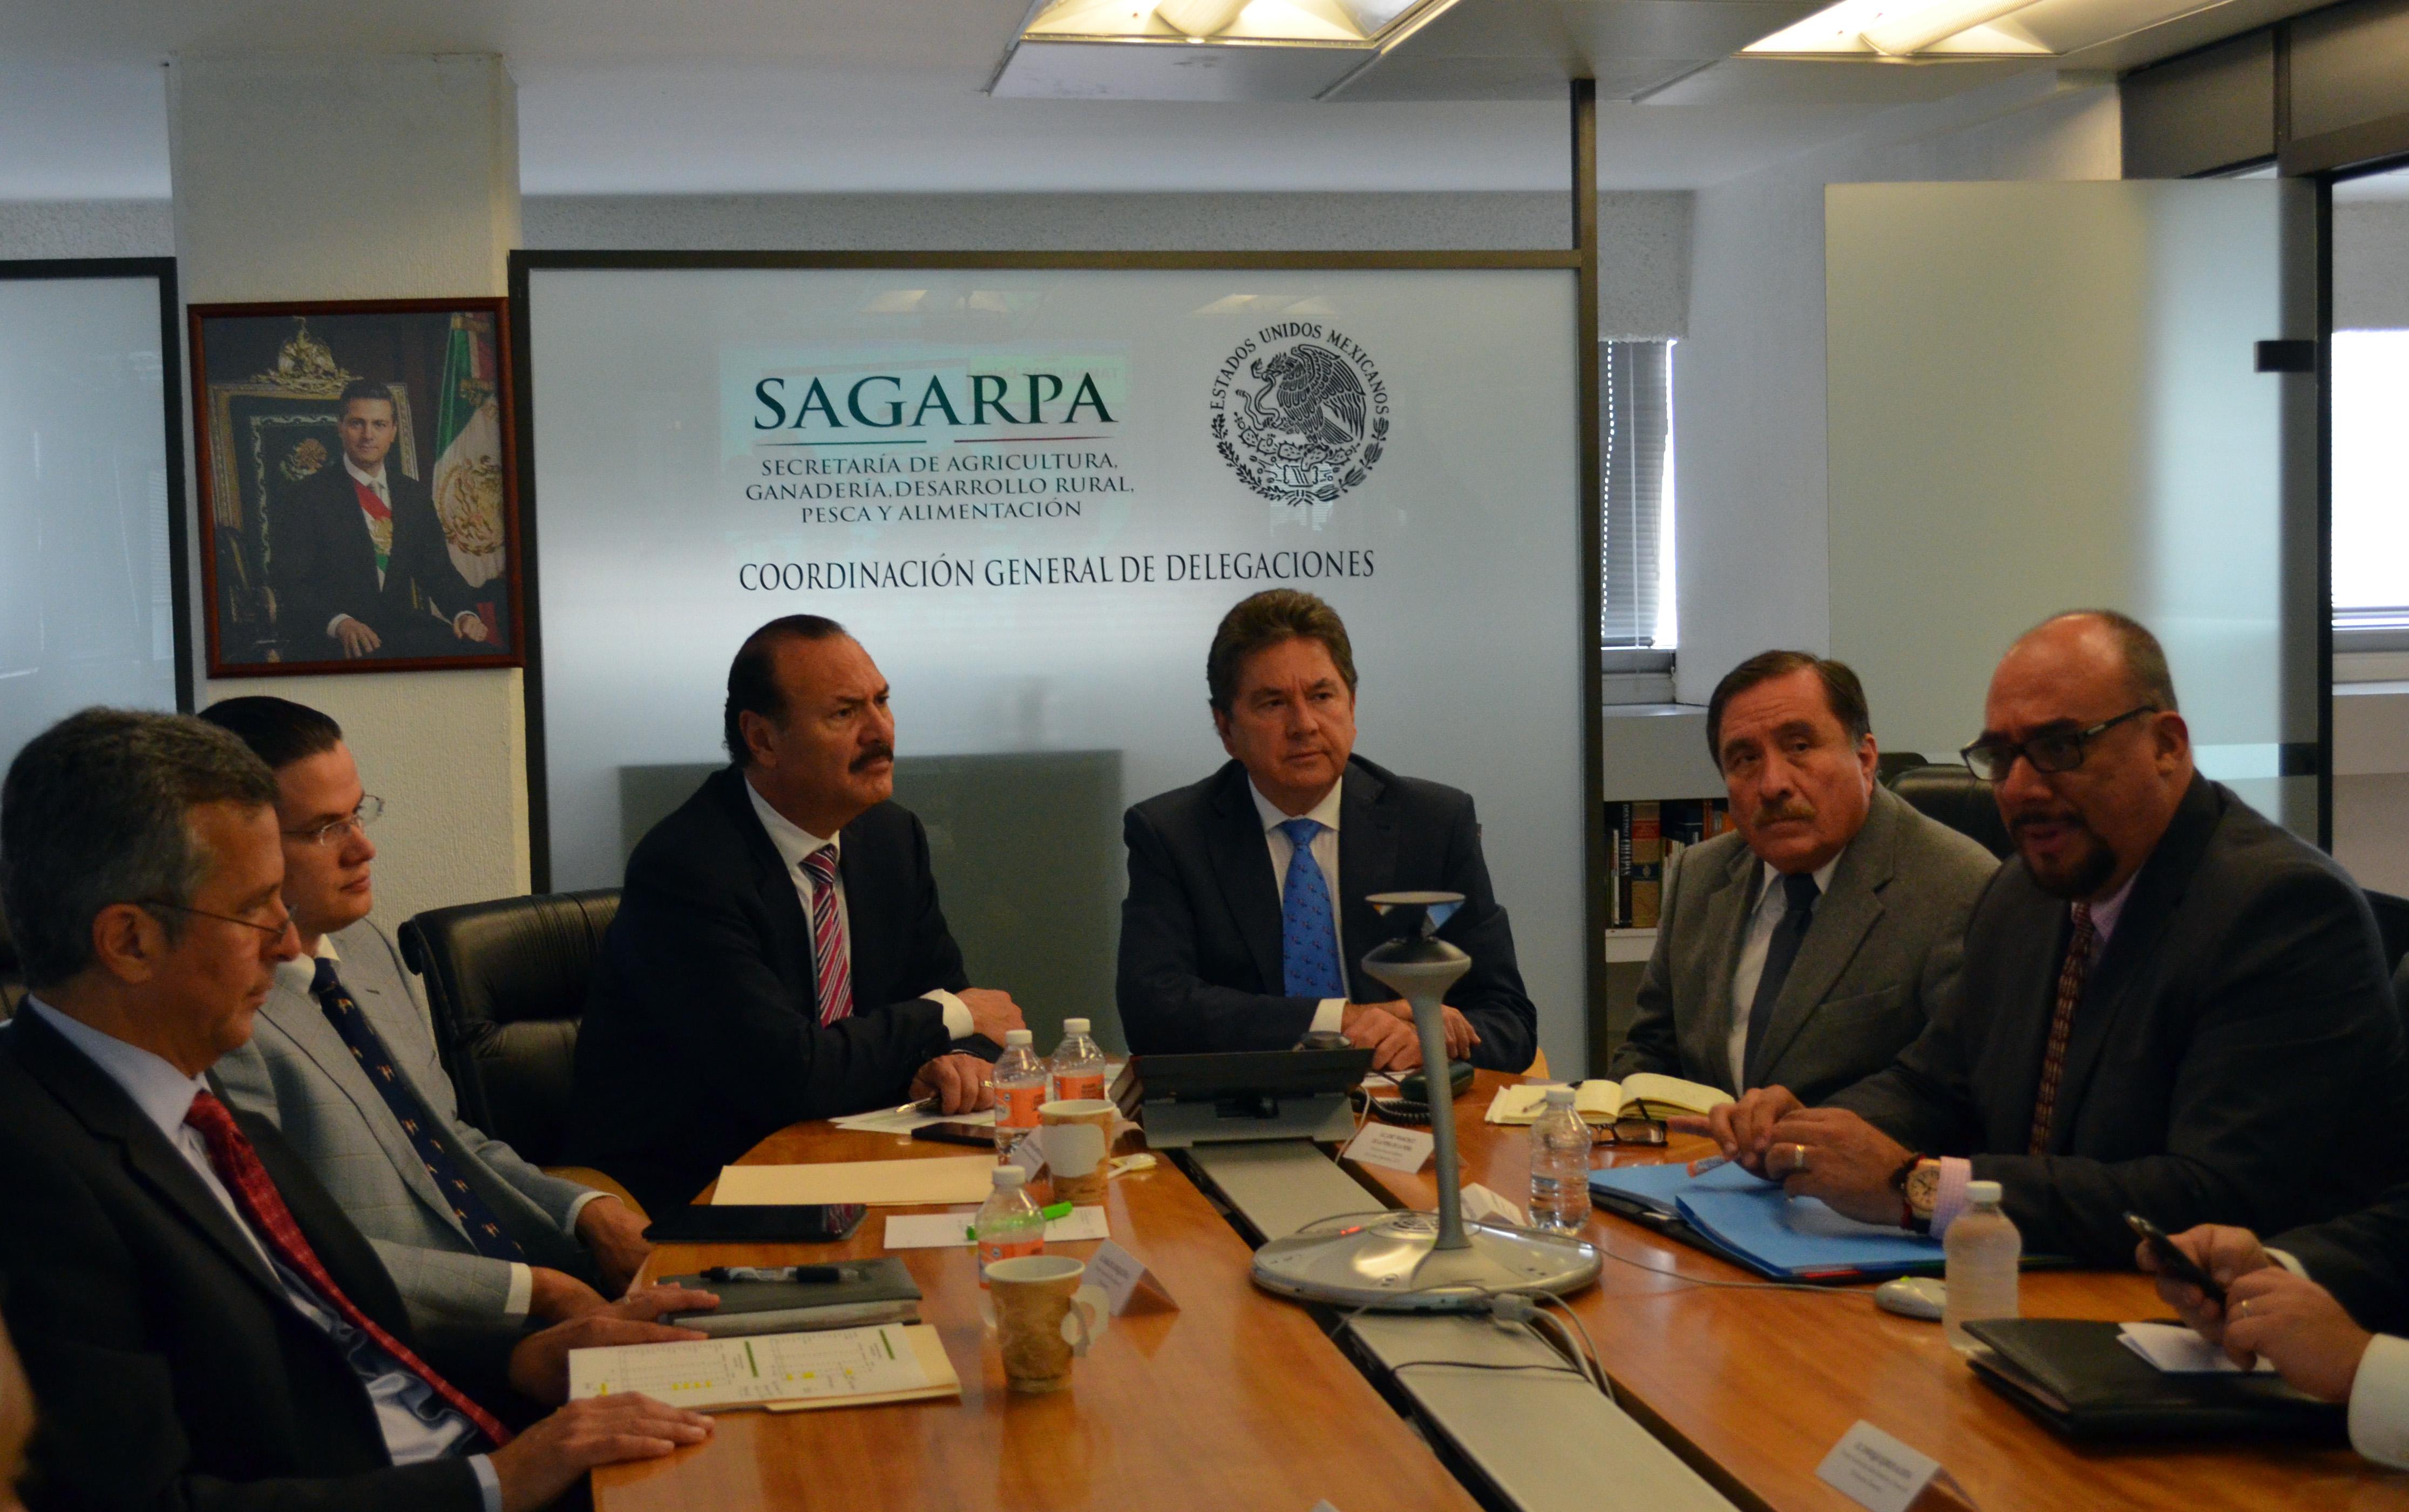 De acuerdo con las instrucciones del secretario Enrique Martínez y Martínez, el oficial mayor de la SAGARPA, Marcos Bucio Mújica, informó que hoy están siendo distribuidos alrededor de 729 millones de pesos de este programa.